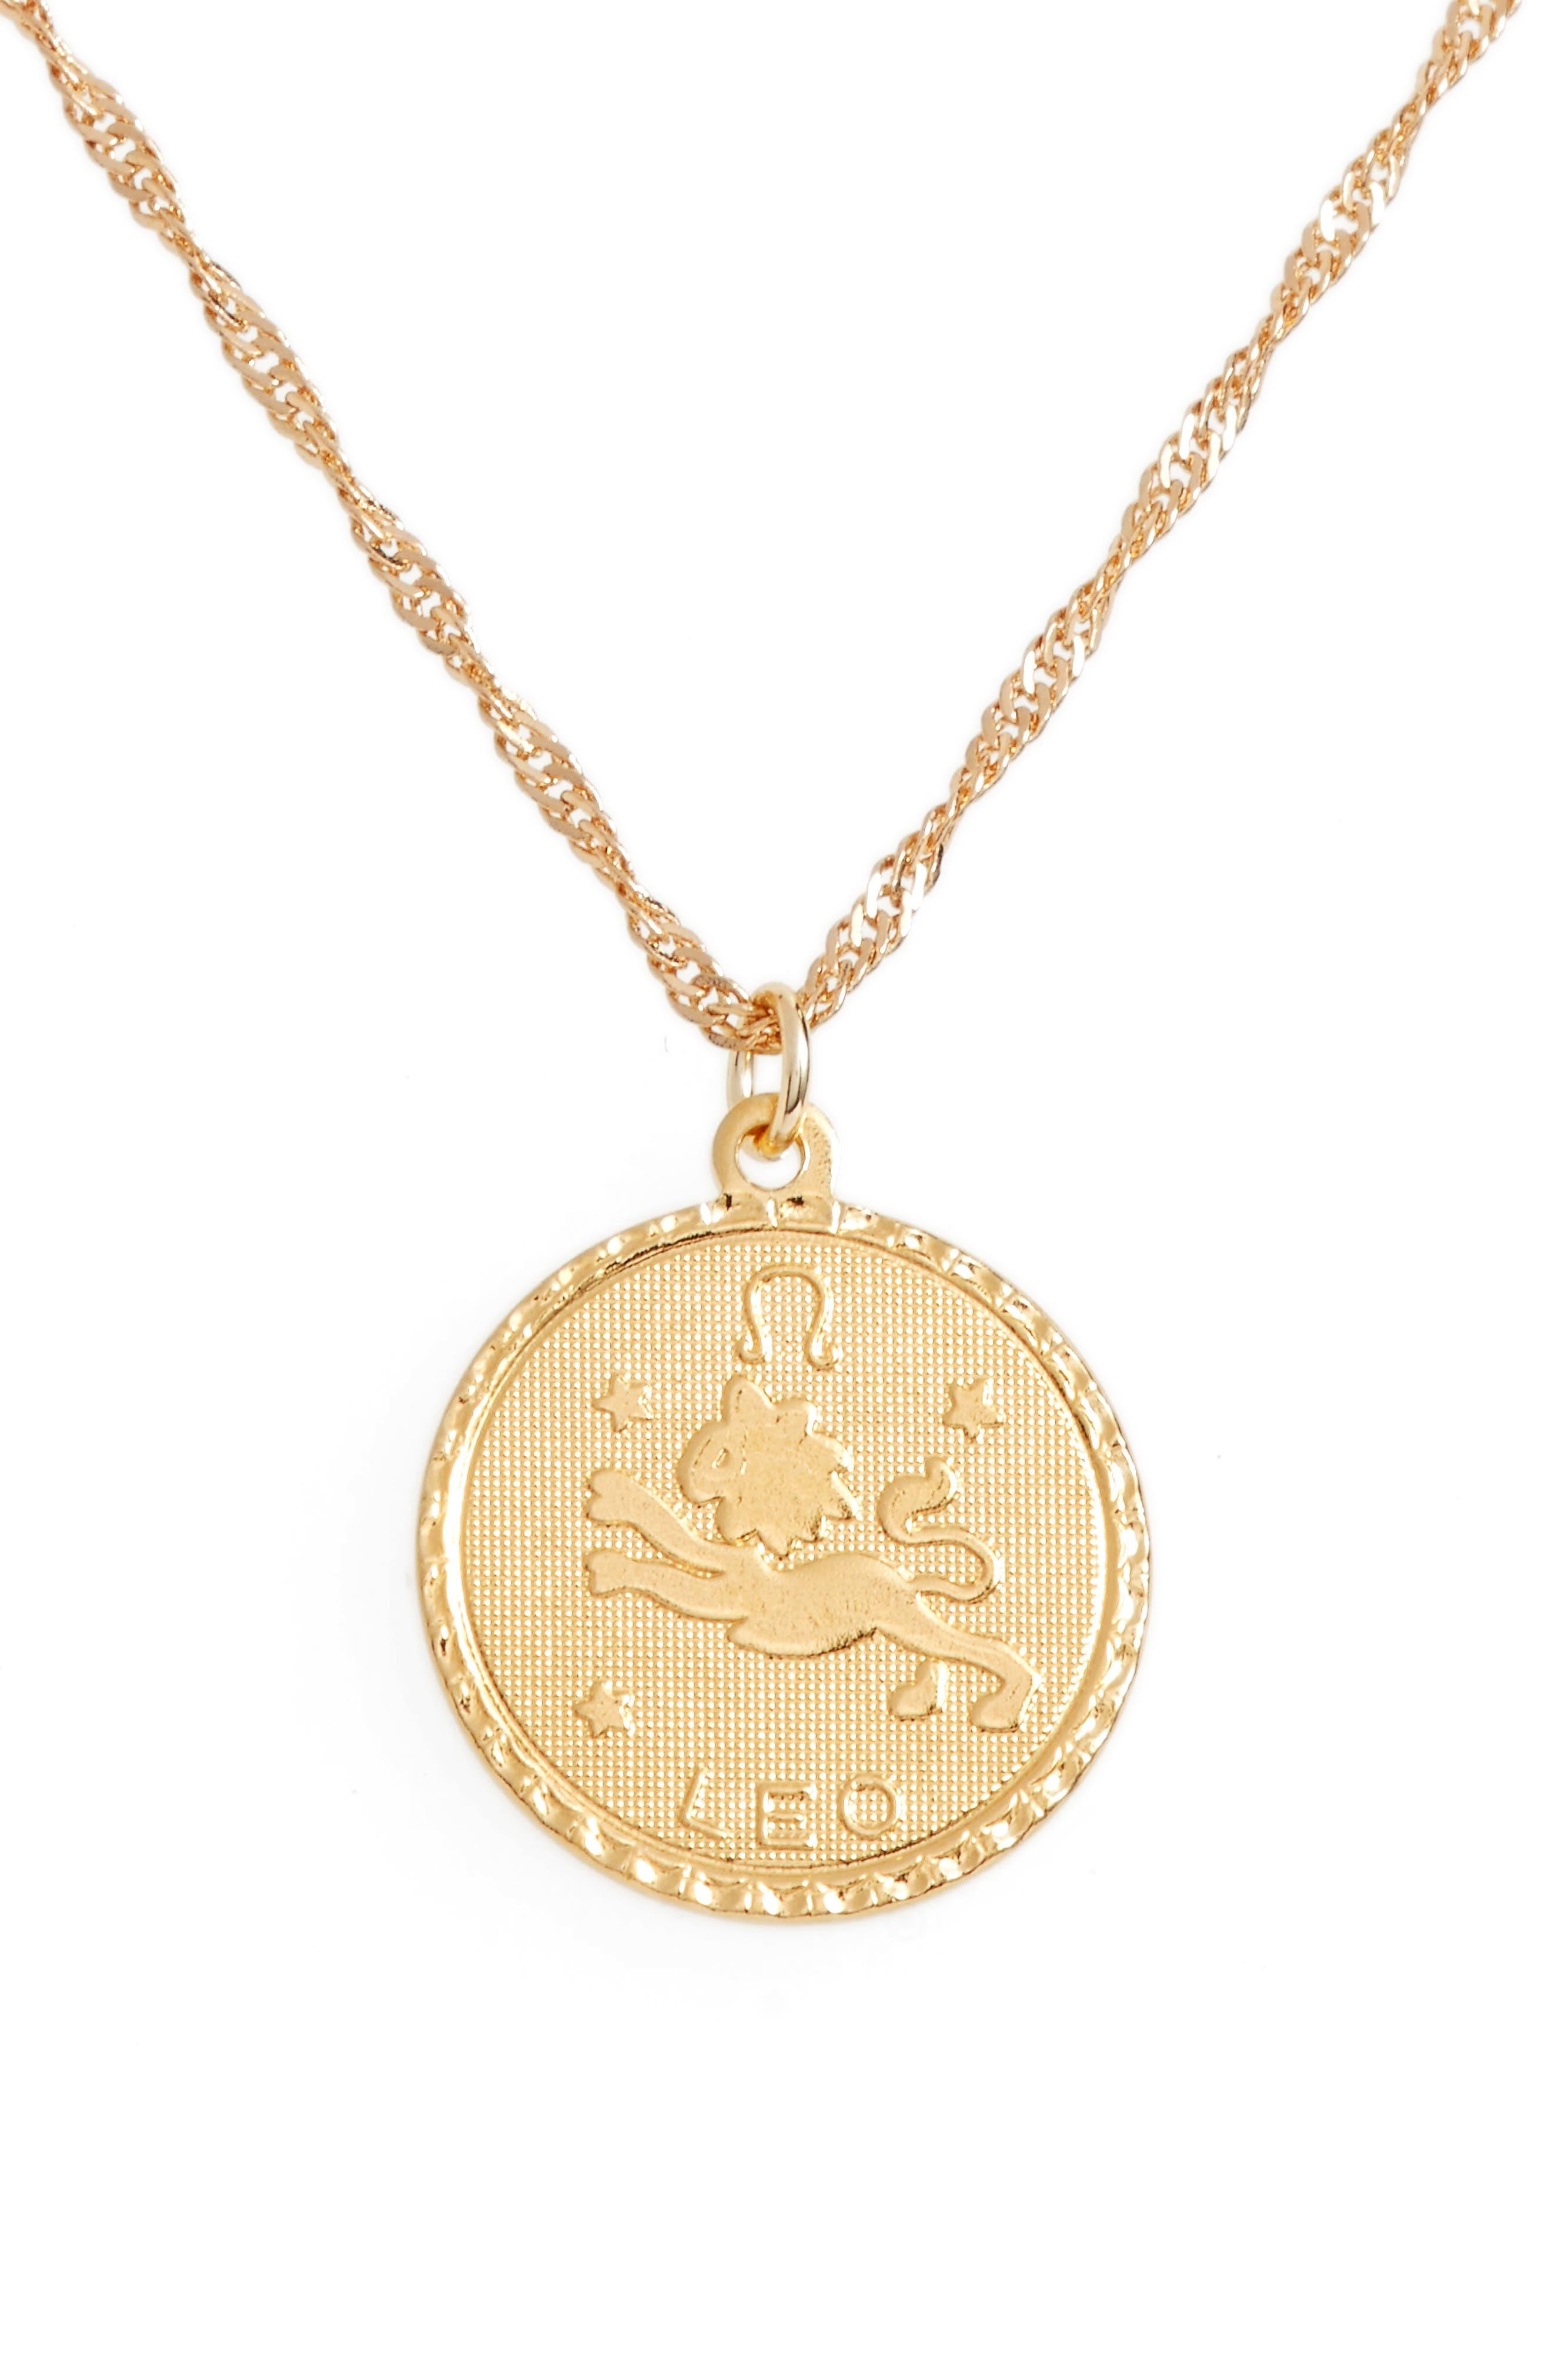 Main Image - CAM Ascending Leo Pendant Necklace